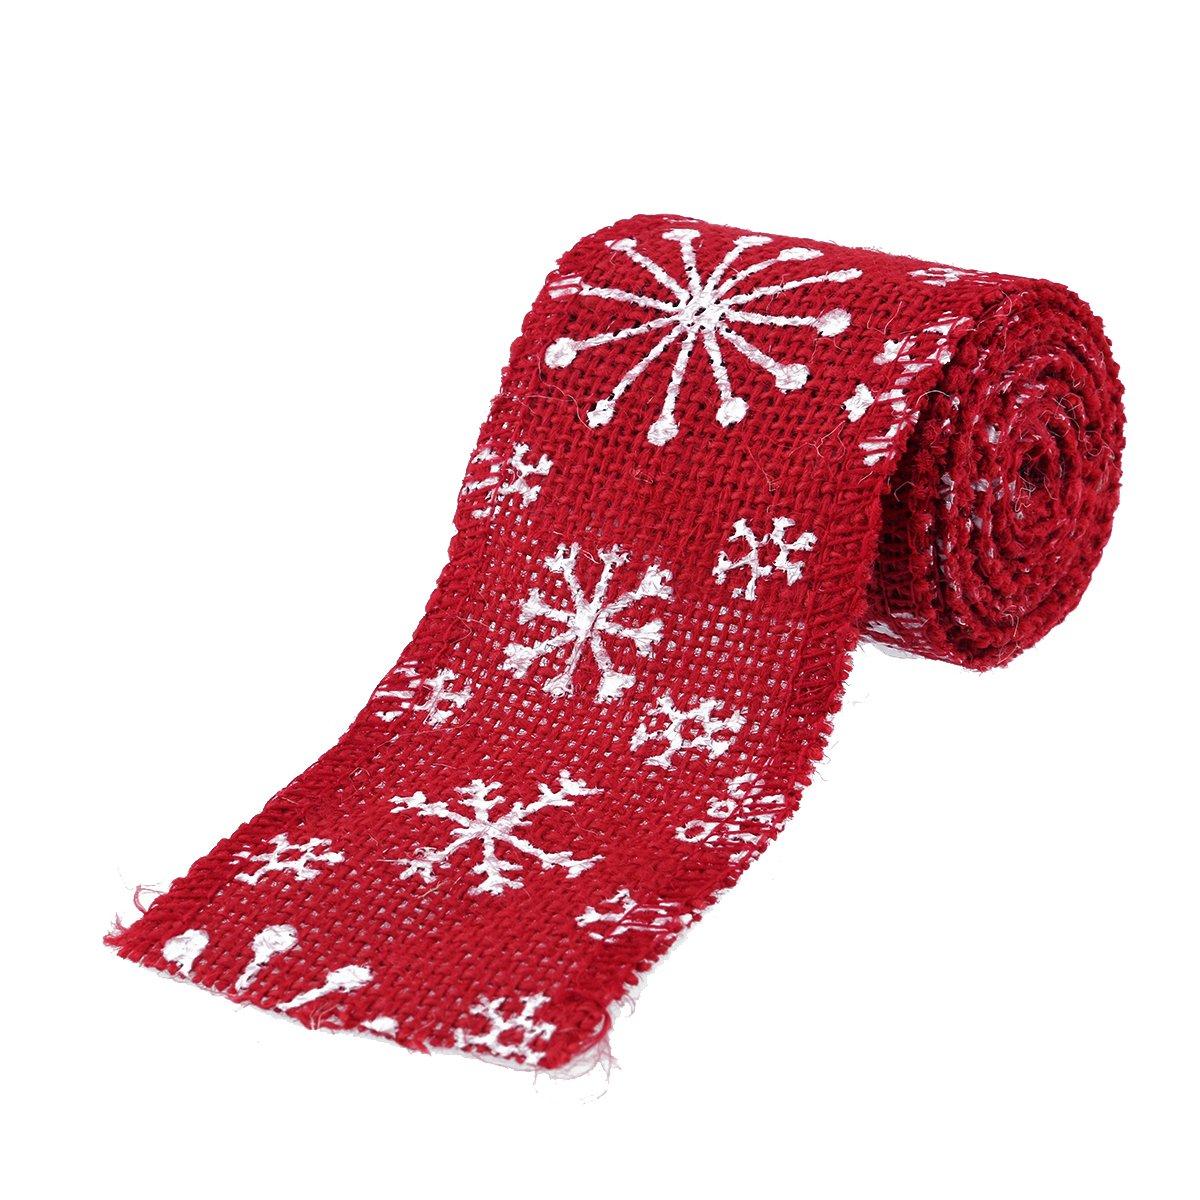 SUPVOX 2M 6CM Fiocco di Neve Stile Artigianale Nastro per Artigianato Fai da Te casa Matrimonio Decorazione di Natale (Rosso + Bianco)